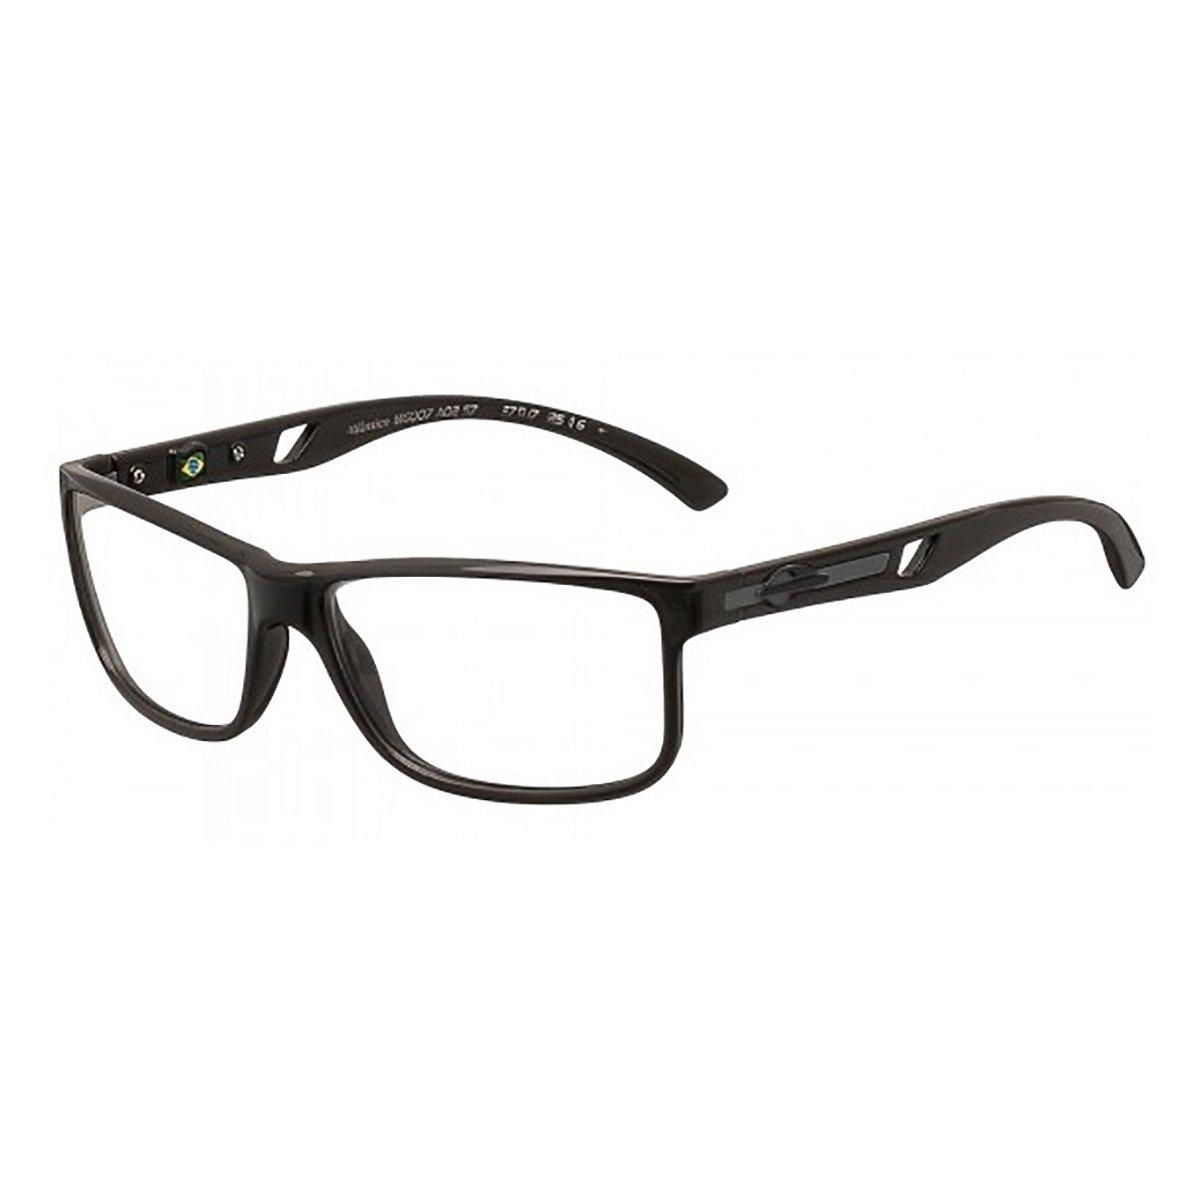 531ecf4ed292d Compre Óculos de Grau Mormaii Atlântico em 10X   Tri-Jóia Shop